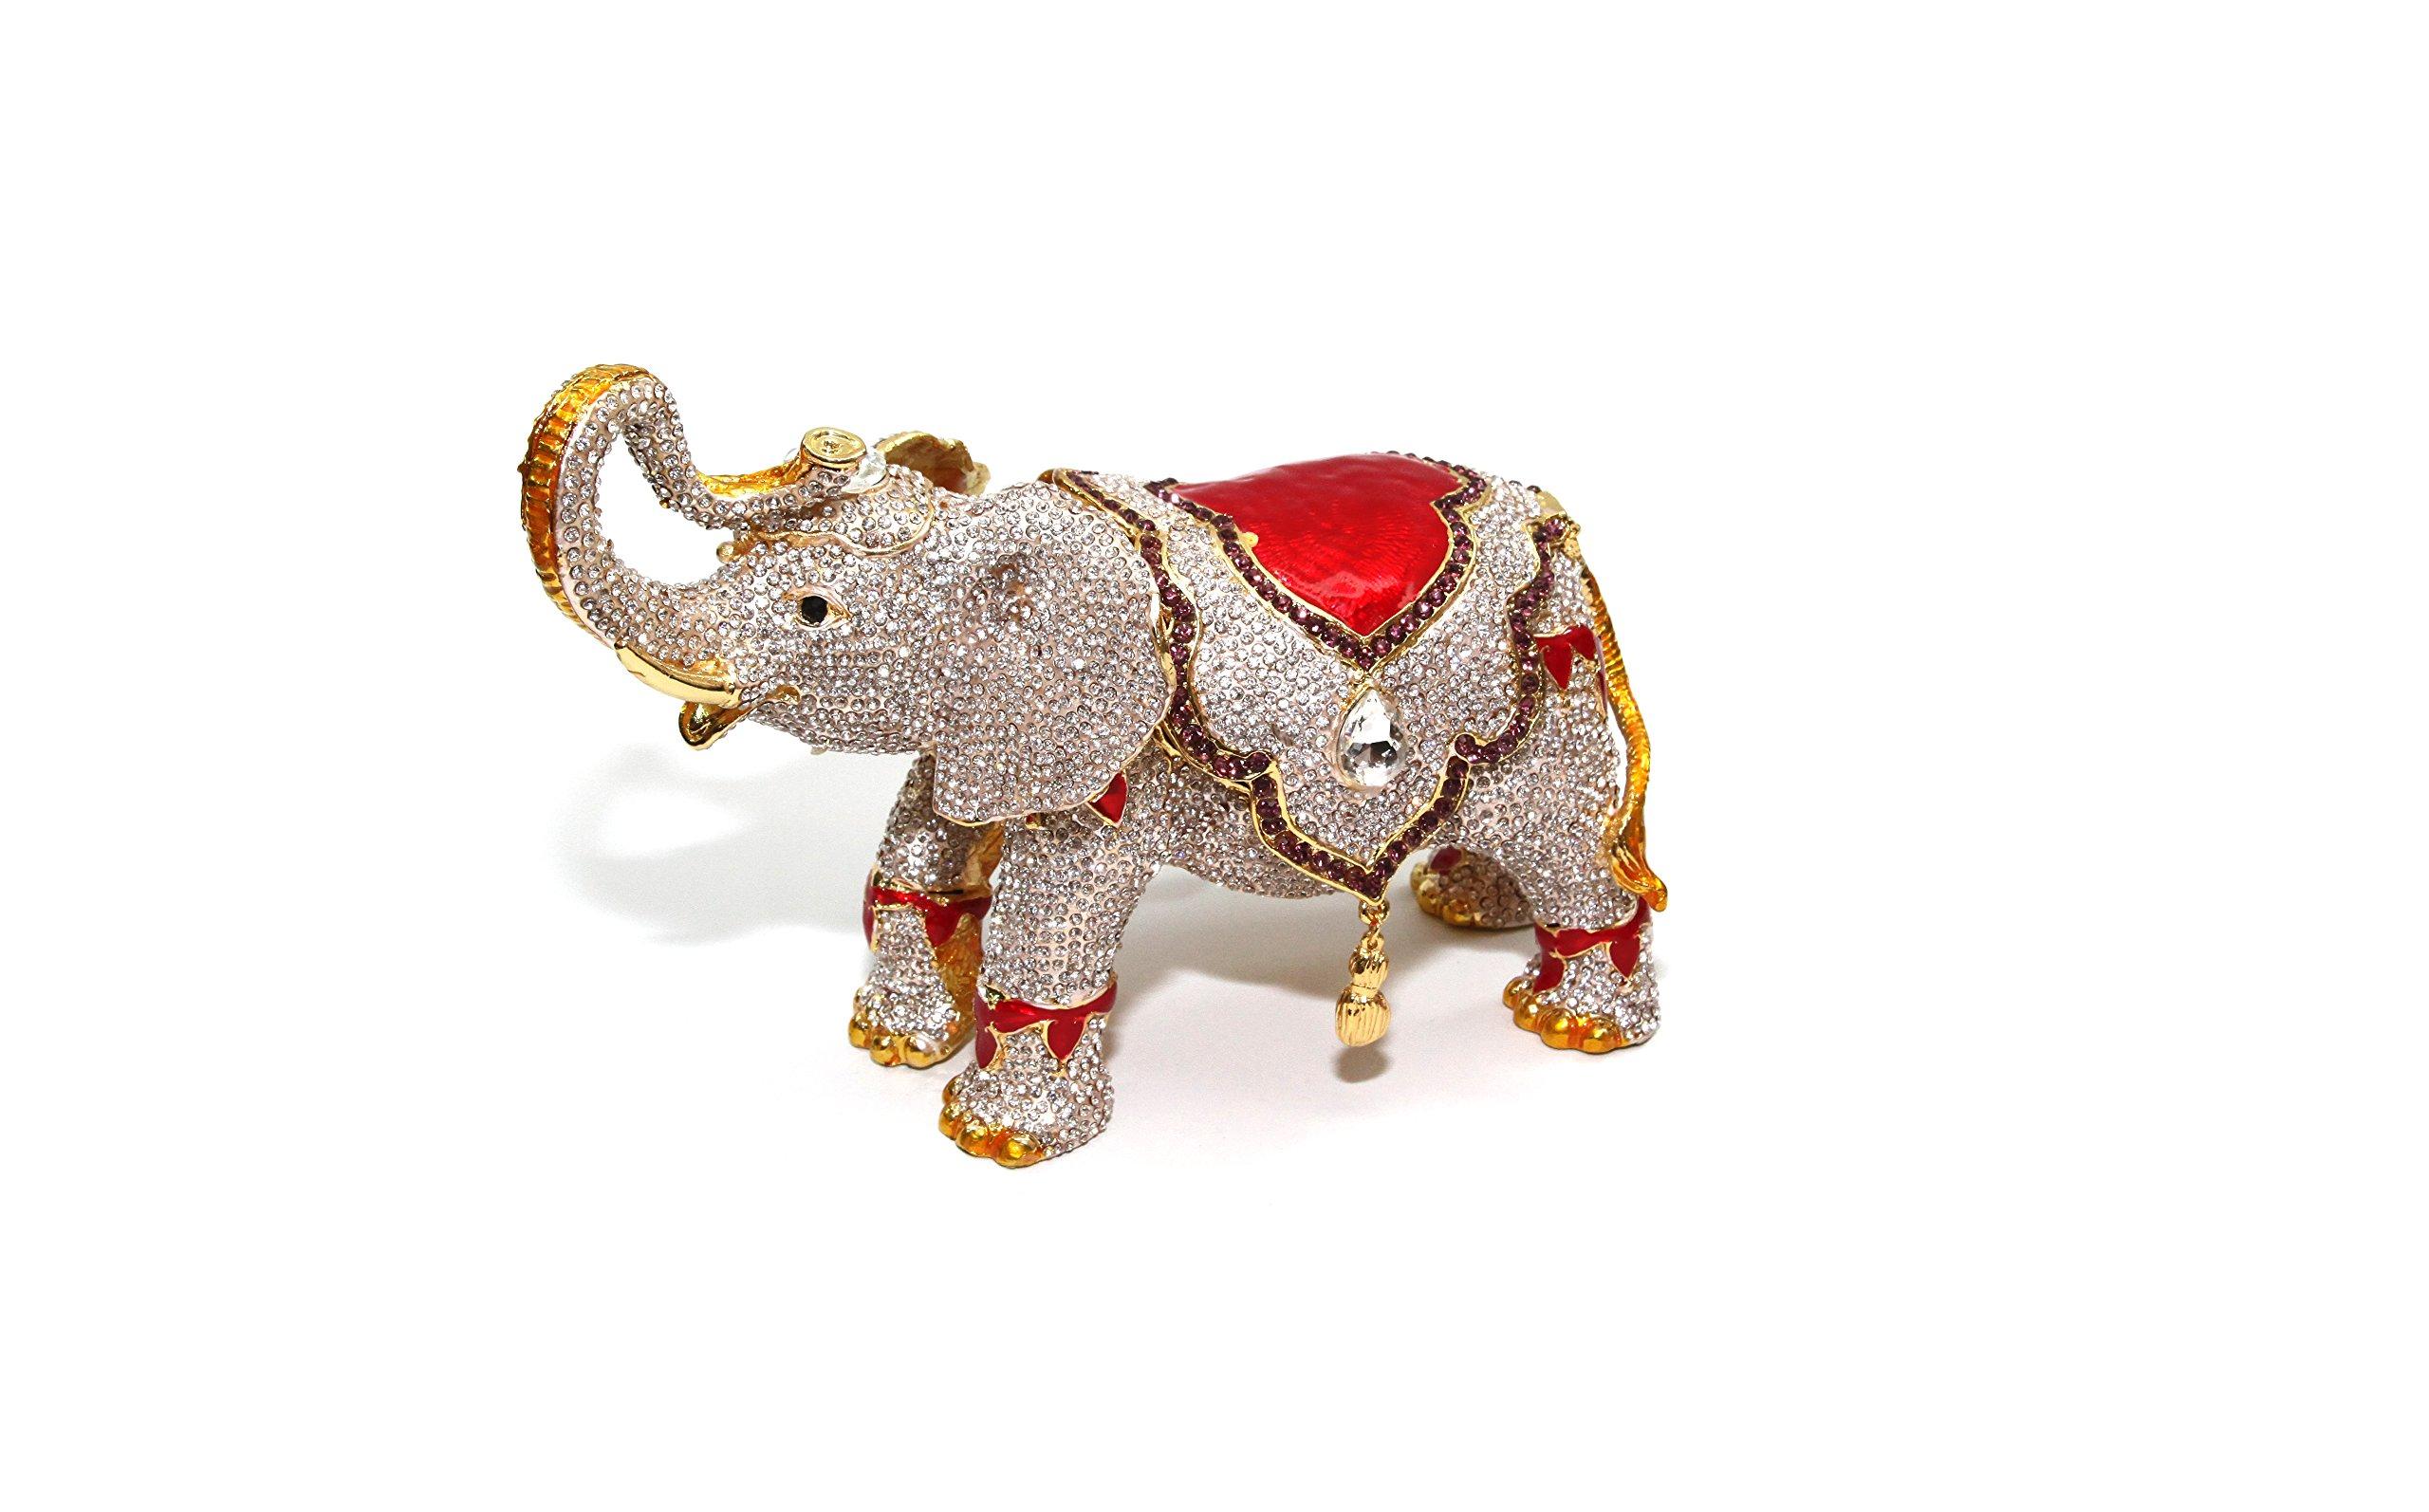 Gold & White Elephant 8-inch Enameled Figurine, 24K Gold Trinket Jewelry Box with Swarovski Crystal, Hand-made (Big Elephant)